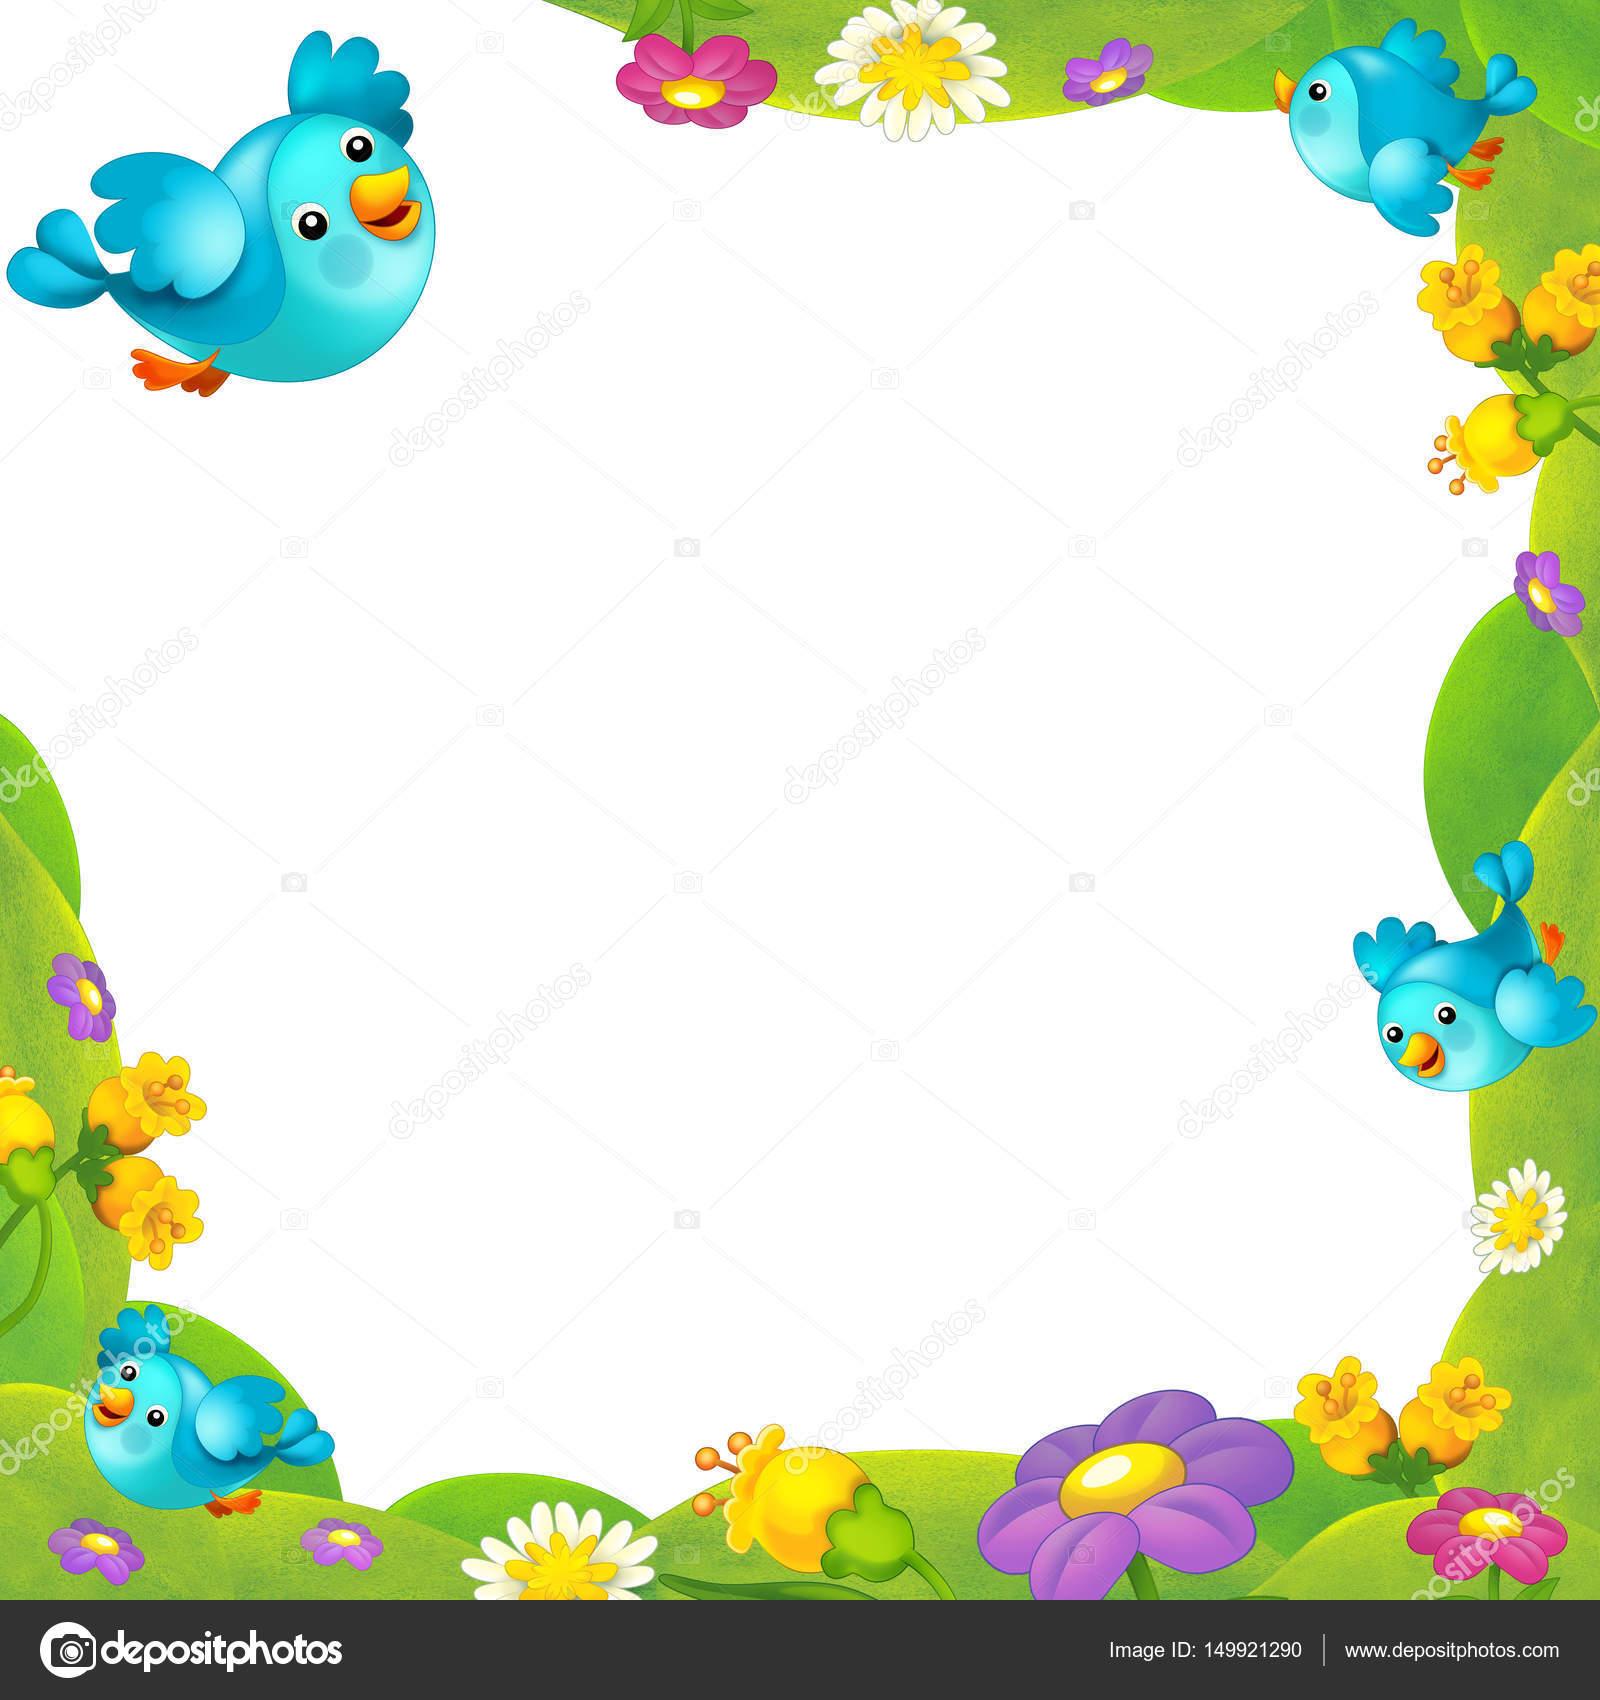 Rahmen mit niedlichen Vögel und Blumen — Stockfoto © agaes8080 ...